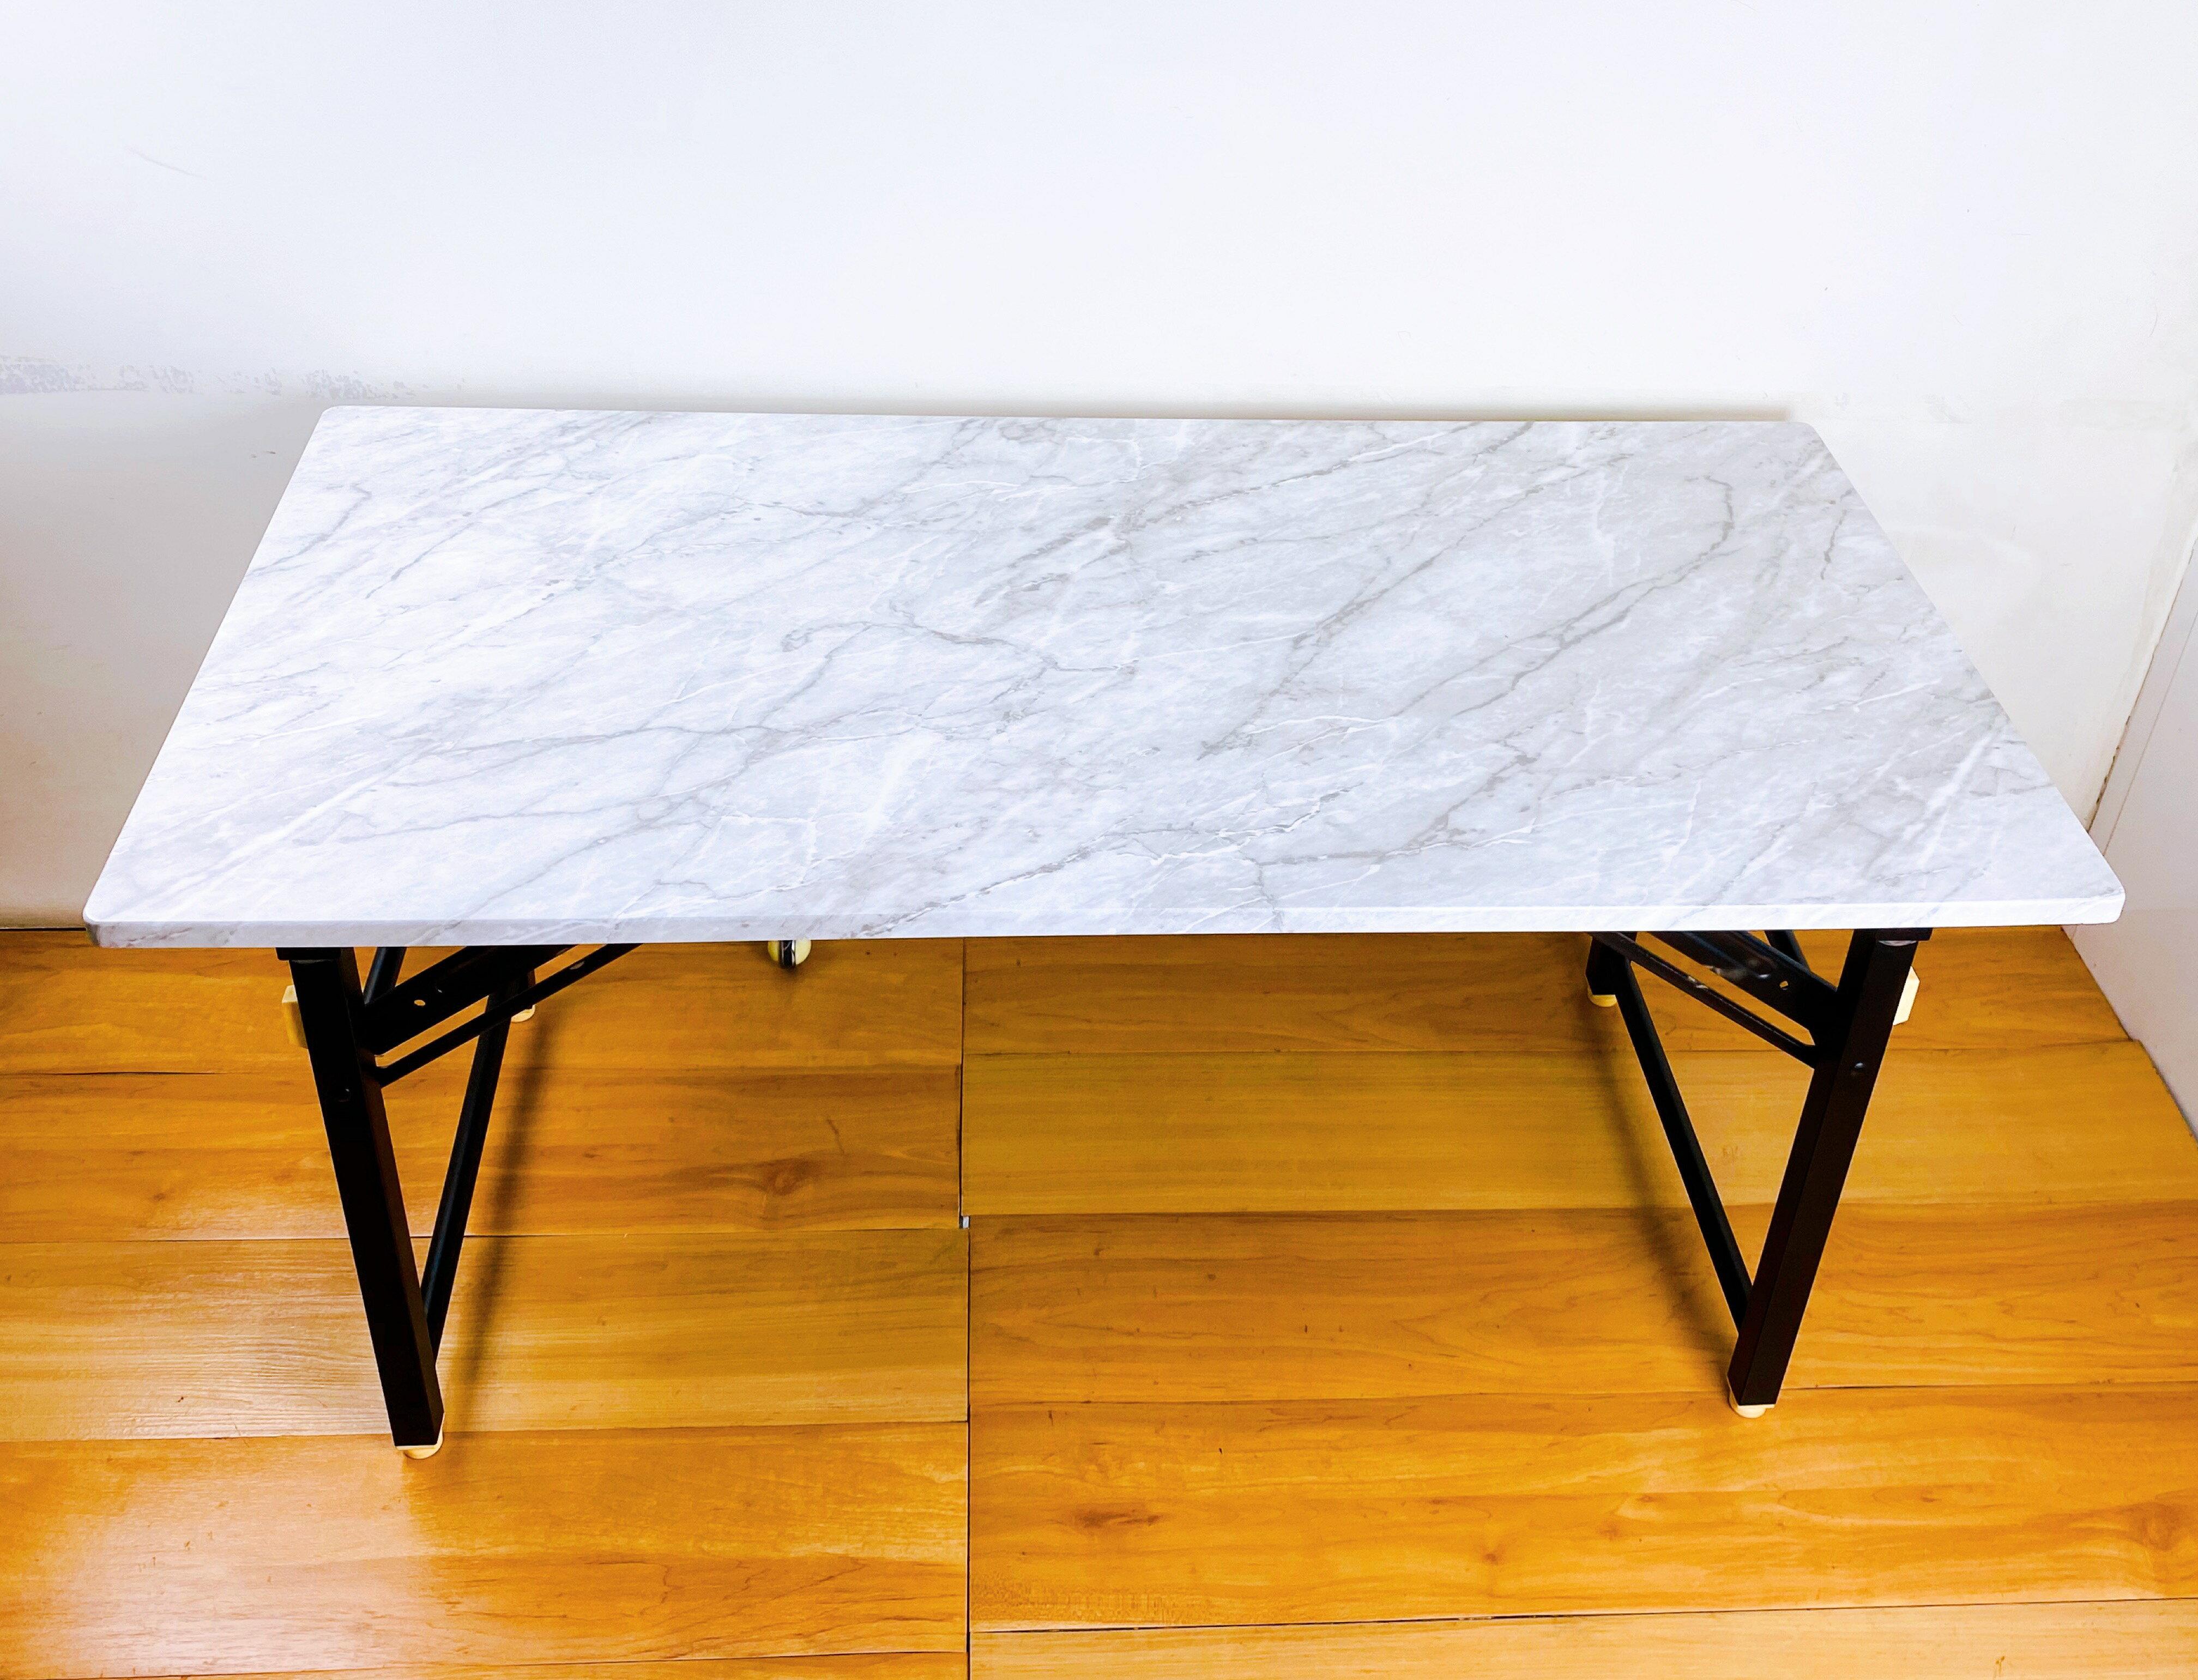 折疊桌 摺疊桌 露營桌 會議桌 折疊式戶外露營餐桌